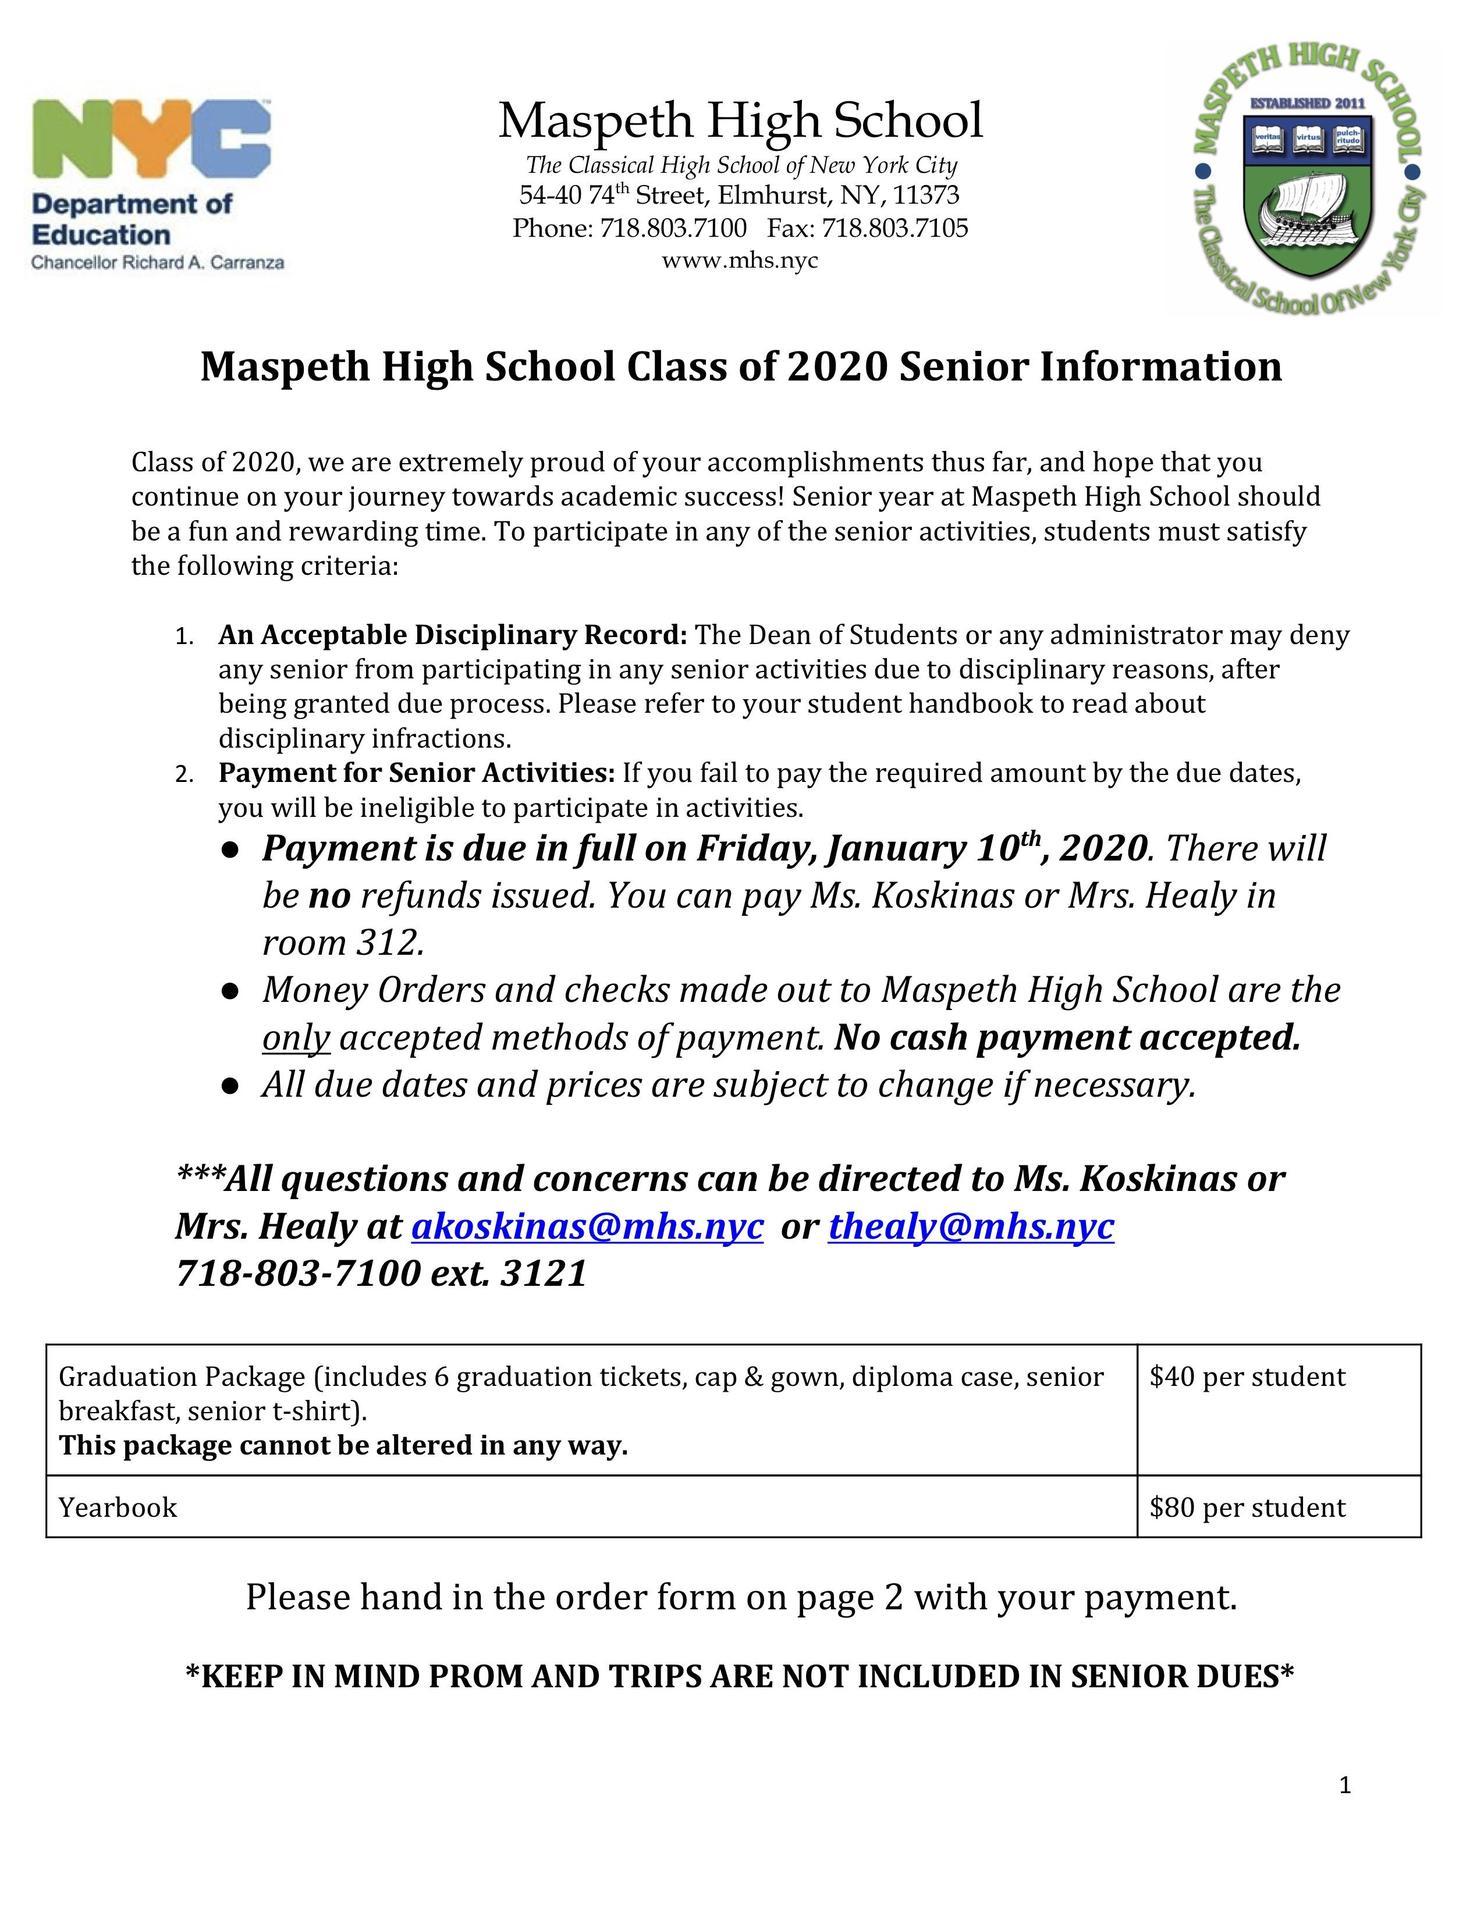 Senior Dues Letter